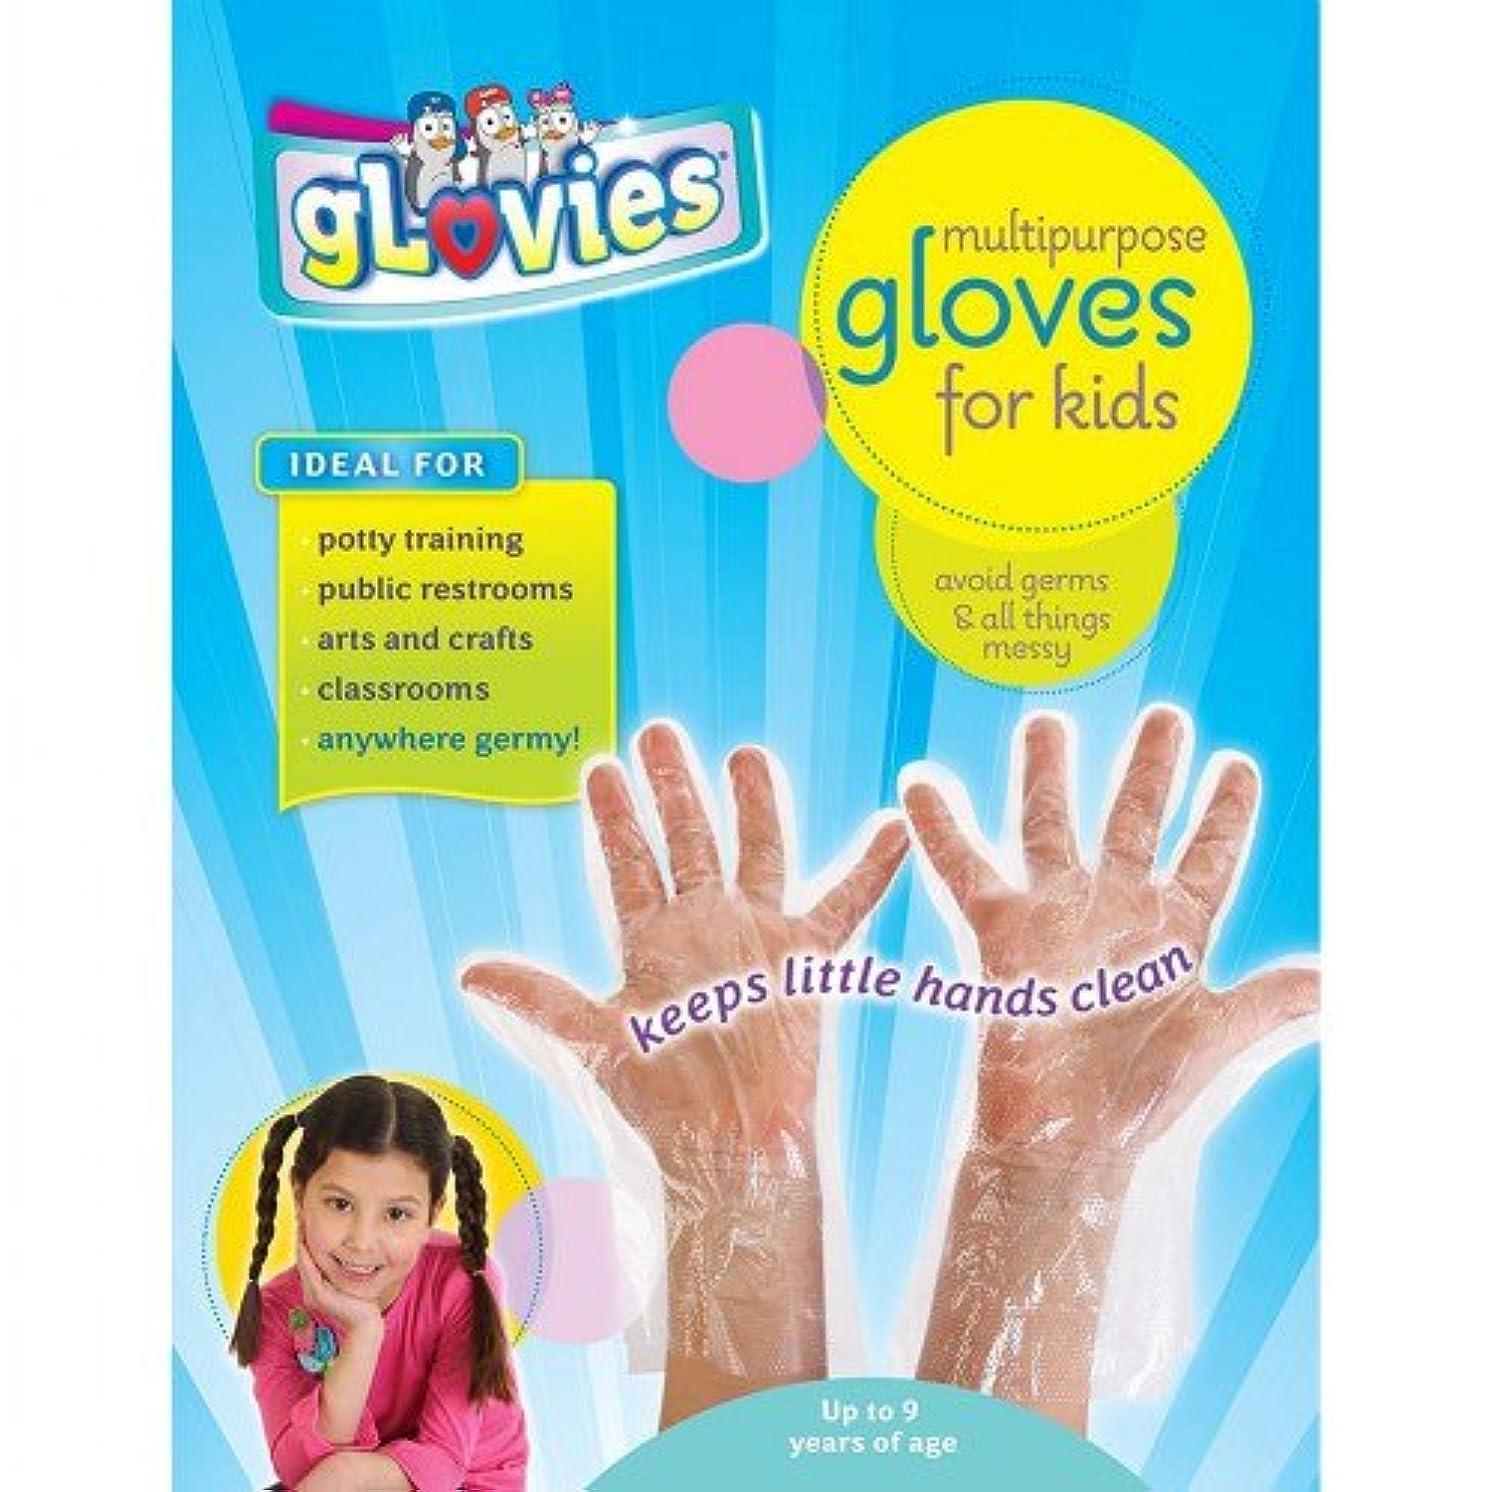 着実にランチ思い出させるGlovies Multipurpose LATEX-FREE DISPOSABLE Gloves for Kids (100 Count) by gLovies 100 Count Gloves